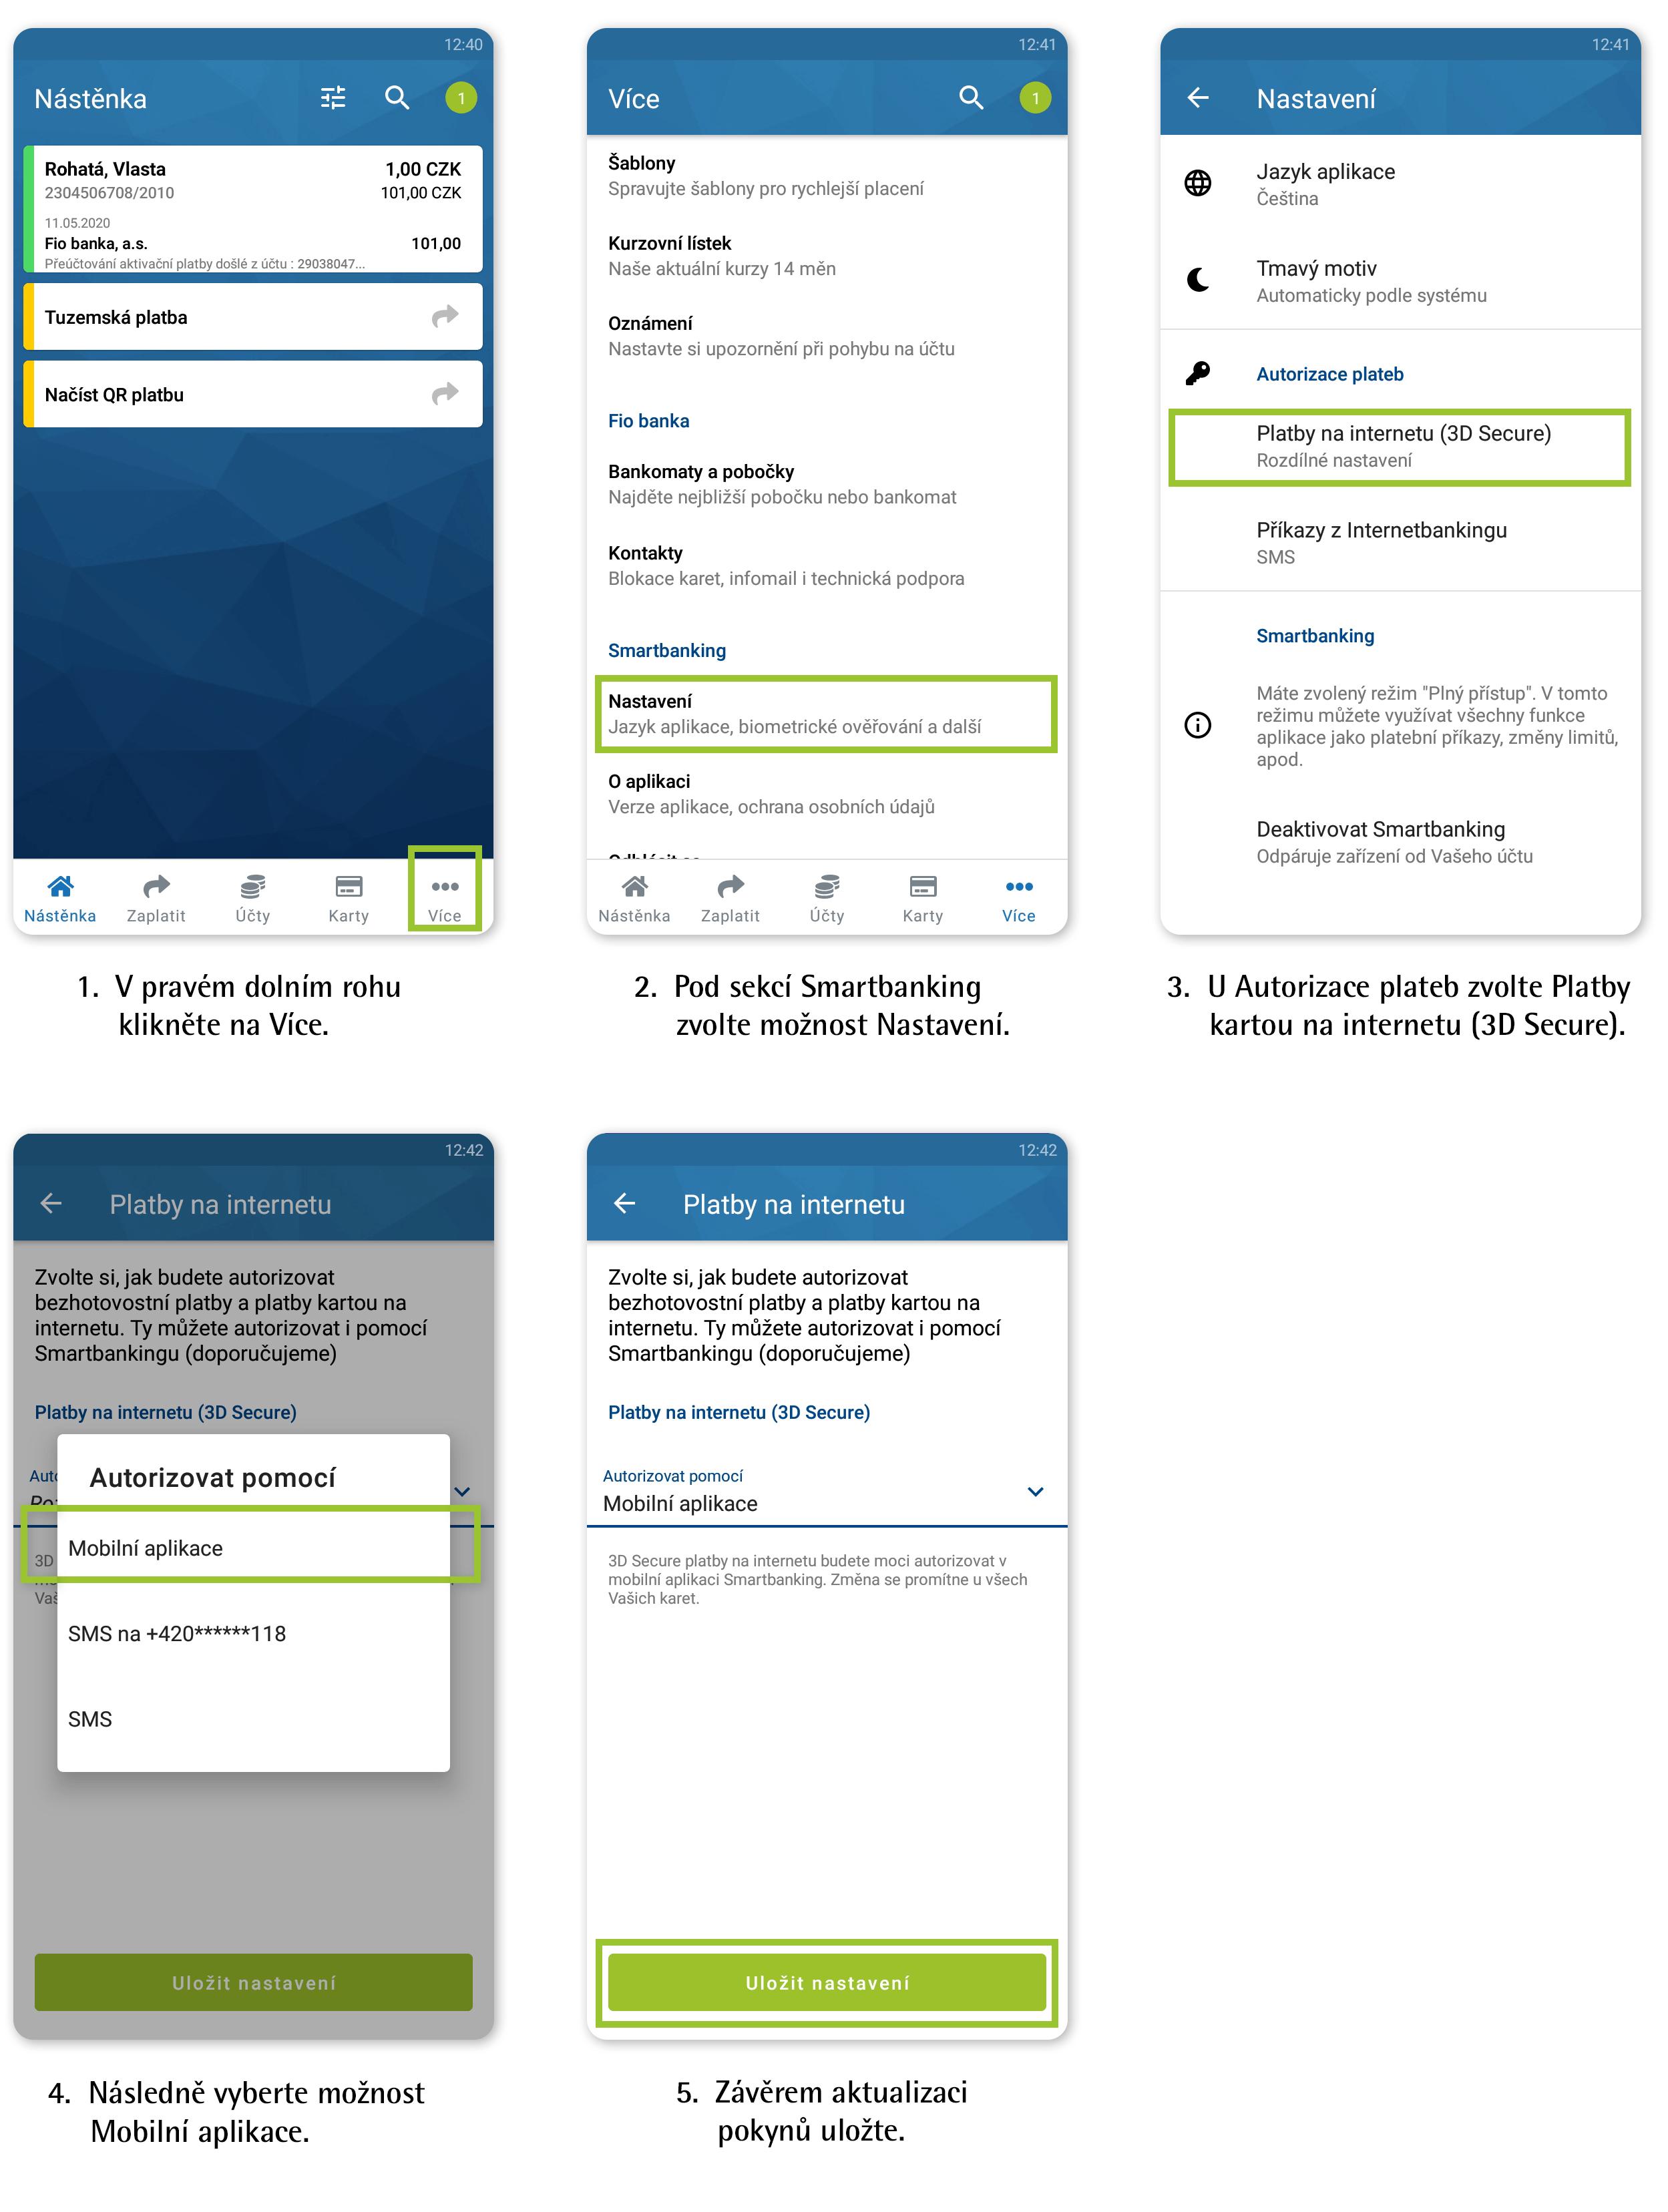 Návod: Nastavení push notifikací pro platby kartou na internetu